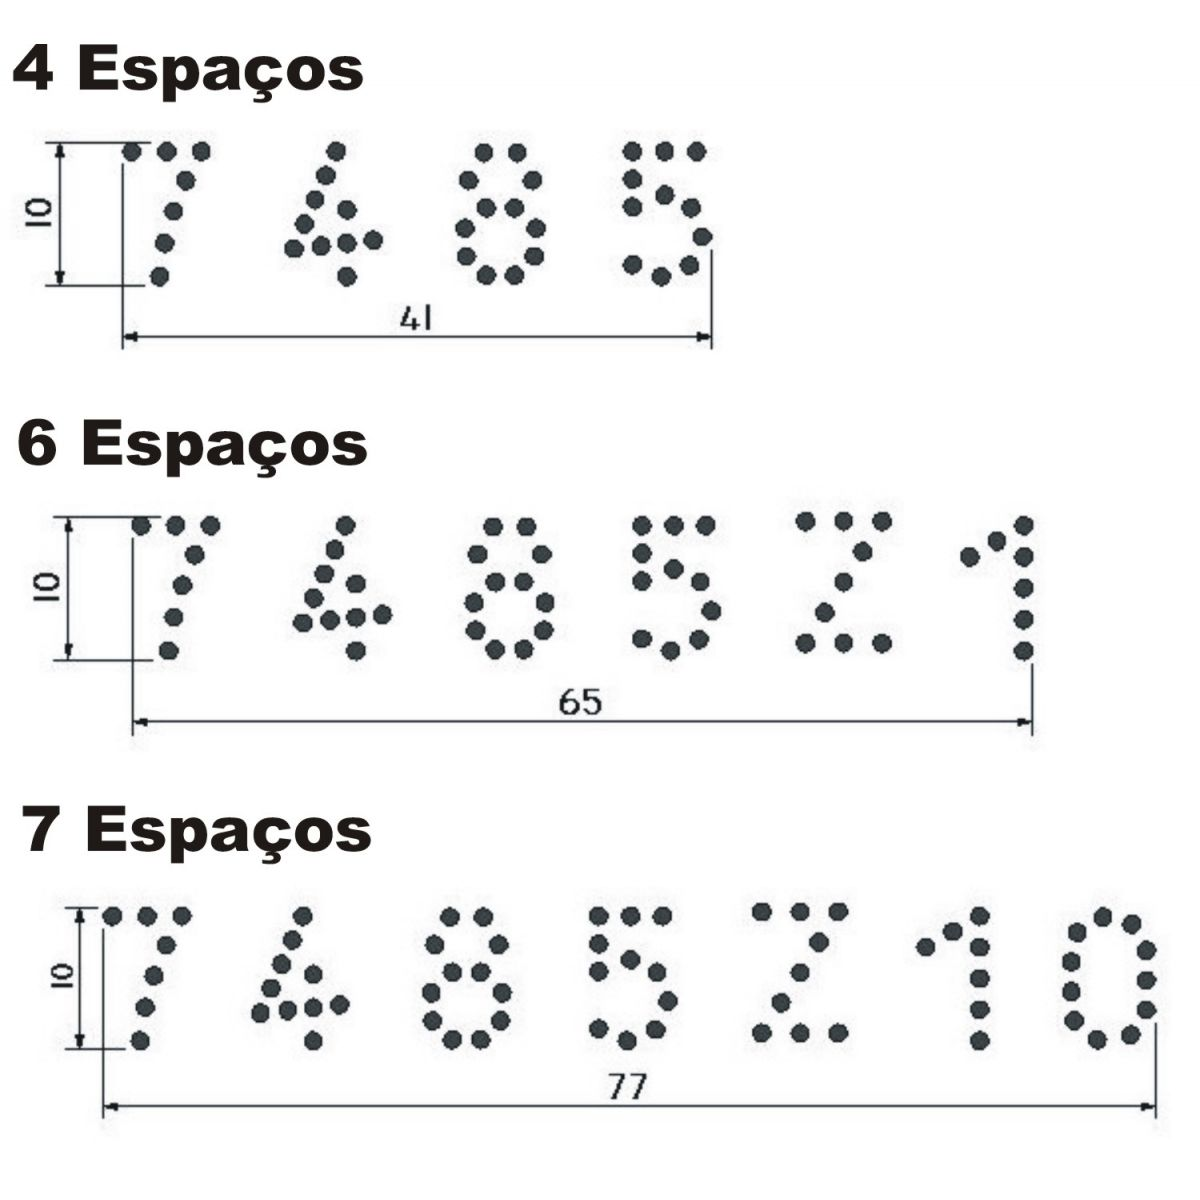 Tatuadeira Inox 4, 6, ou 7 Espaços - Cabo Longo - Eletro Polida - 10 mm - L10 x 17.5 sem números